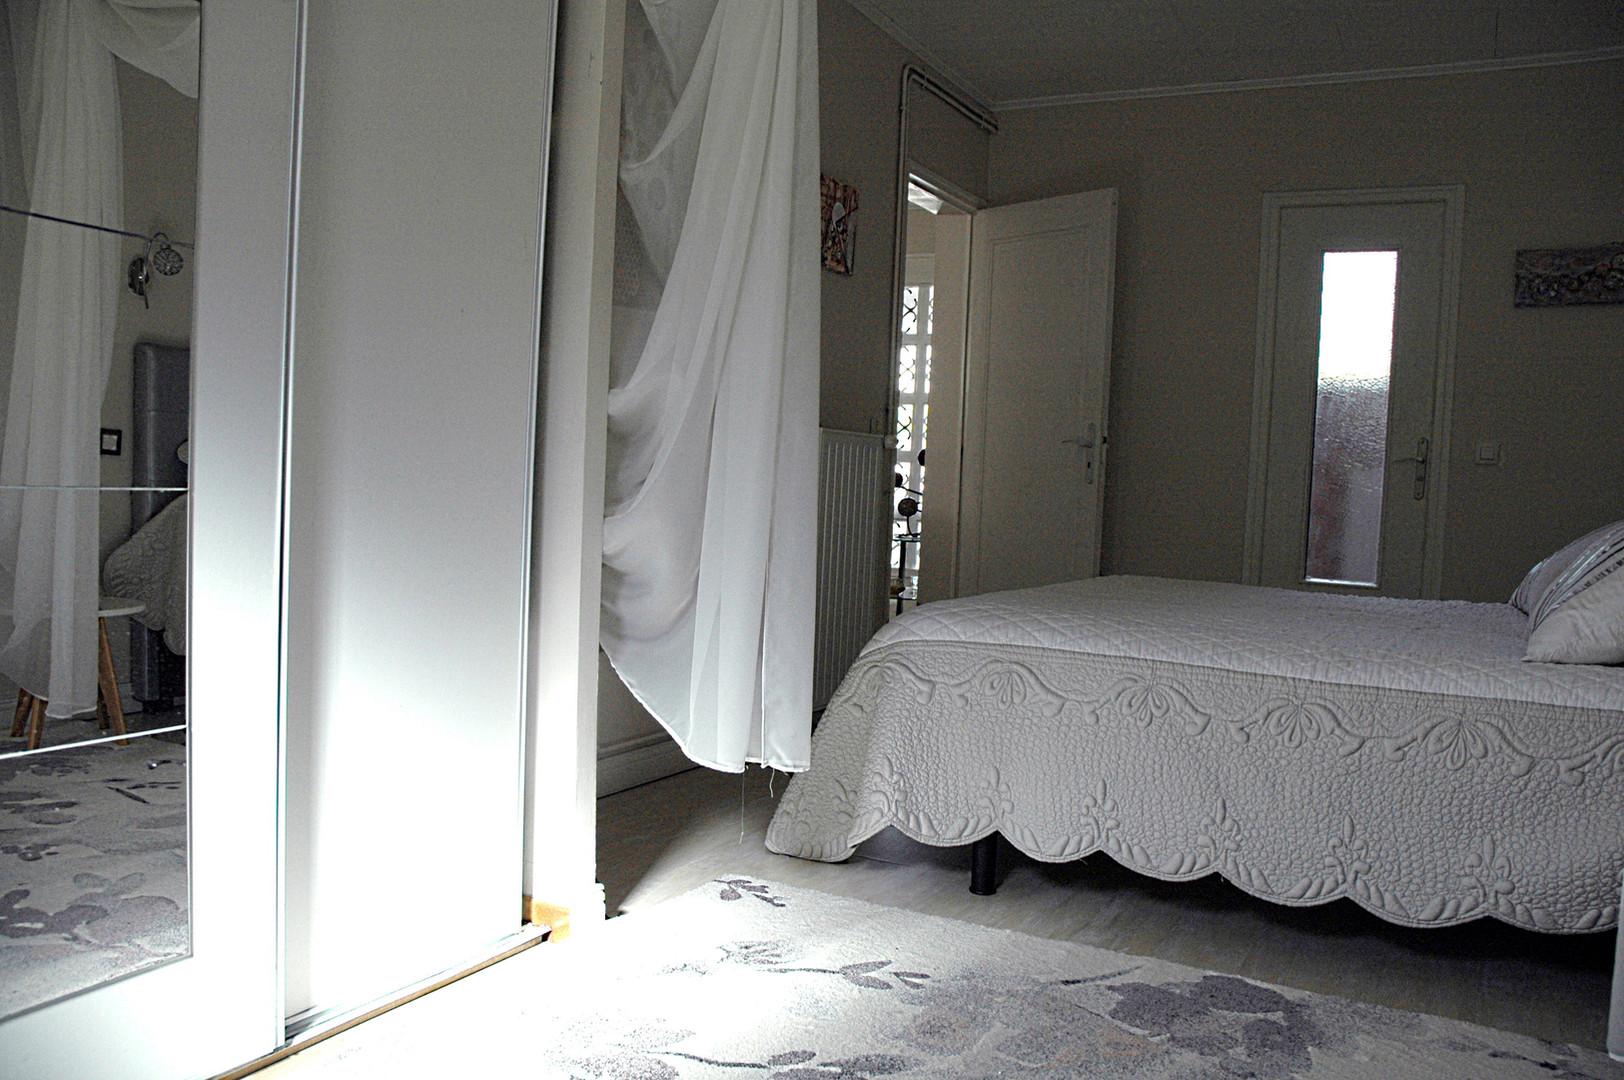 chambre_du_Gîte_champagne_(2).JPG